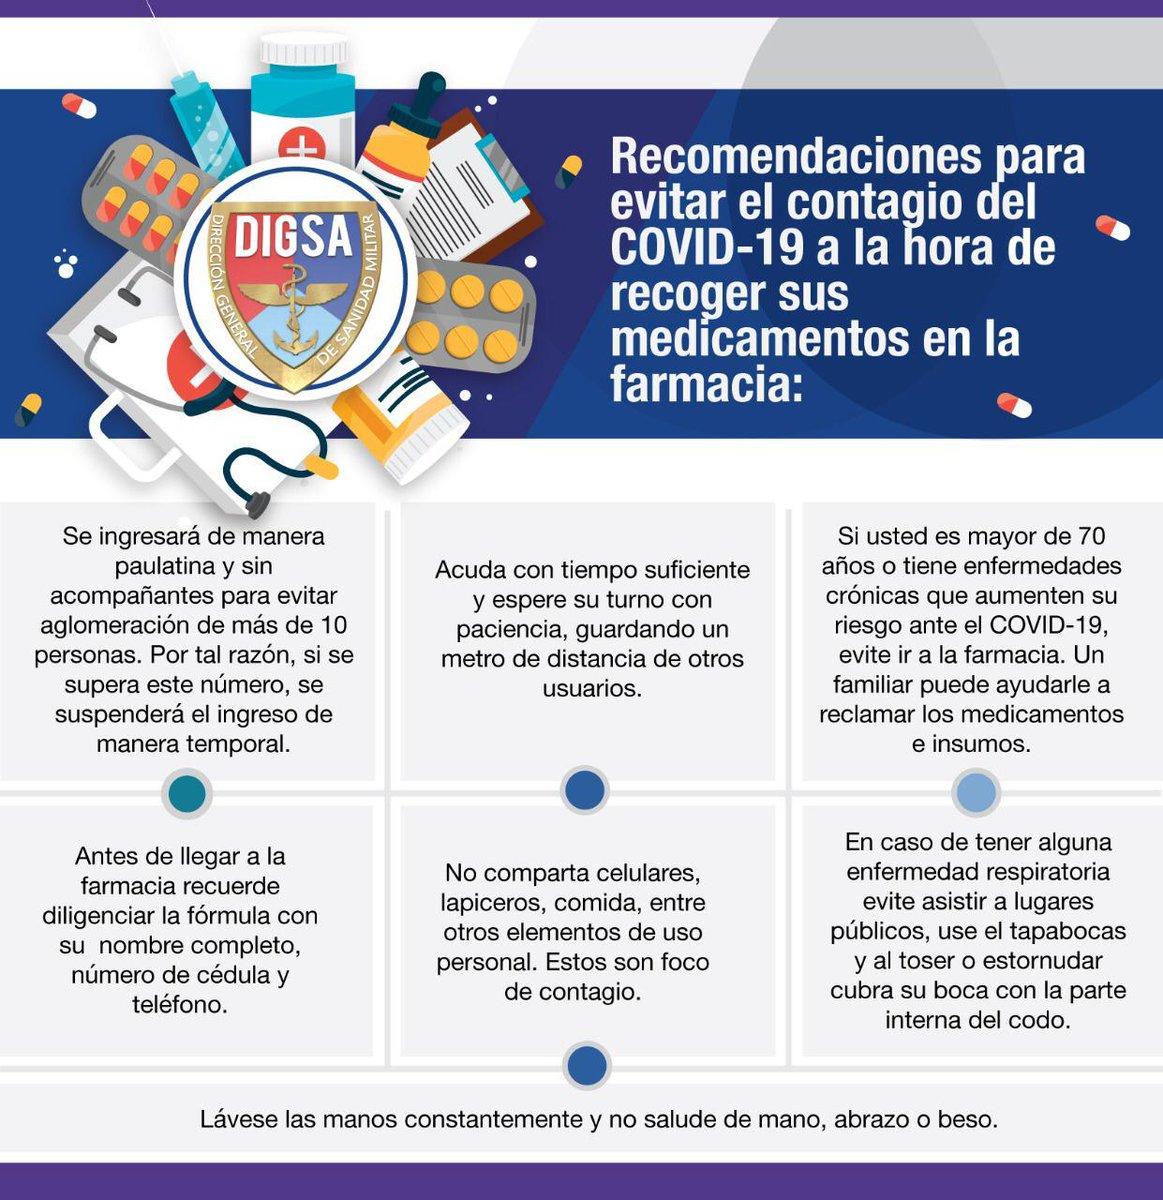 Señor usuario tenga en cuenta estas recomendaciones para evitar el contagio de #COVIDー19 al momento de recoger sus  medicamentos en la farmacia.  #ProtecciónYAcción #YoTeCuidoTúTeCuidas https://t.co/IY8HbVMjbr